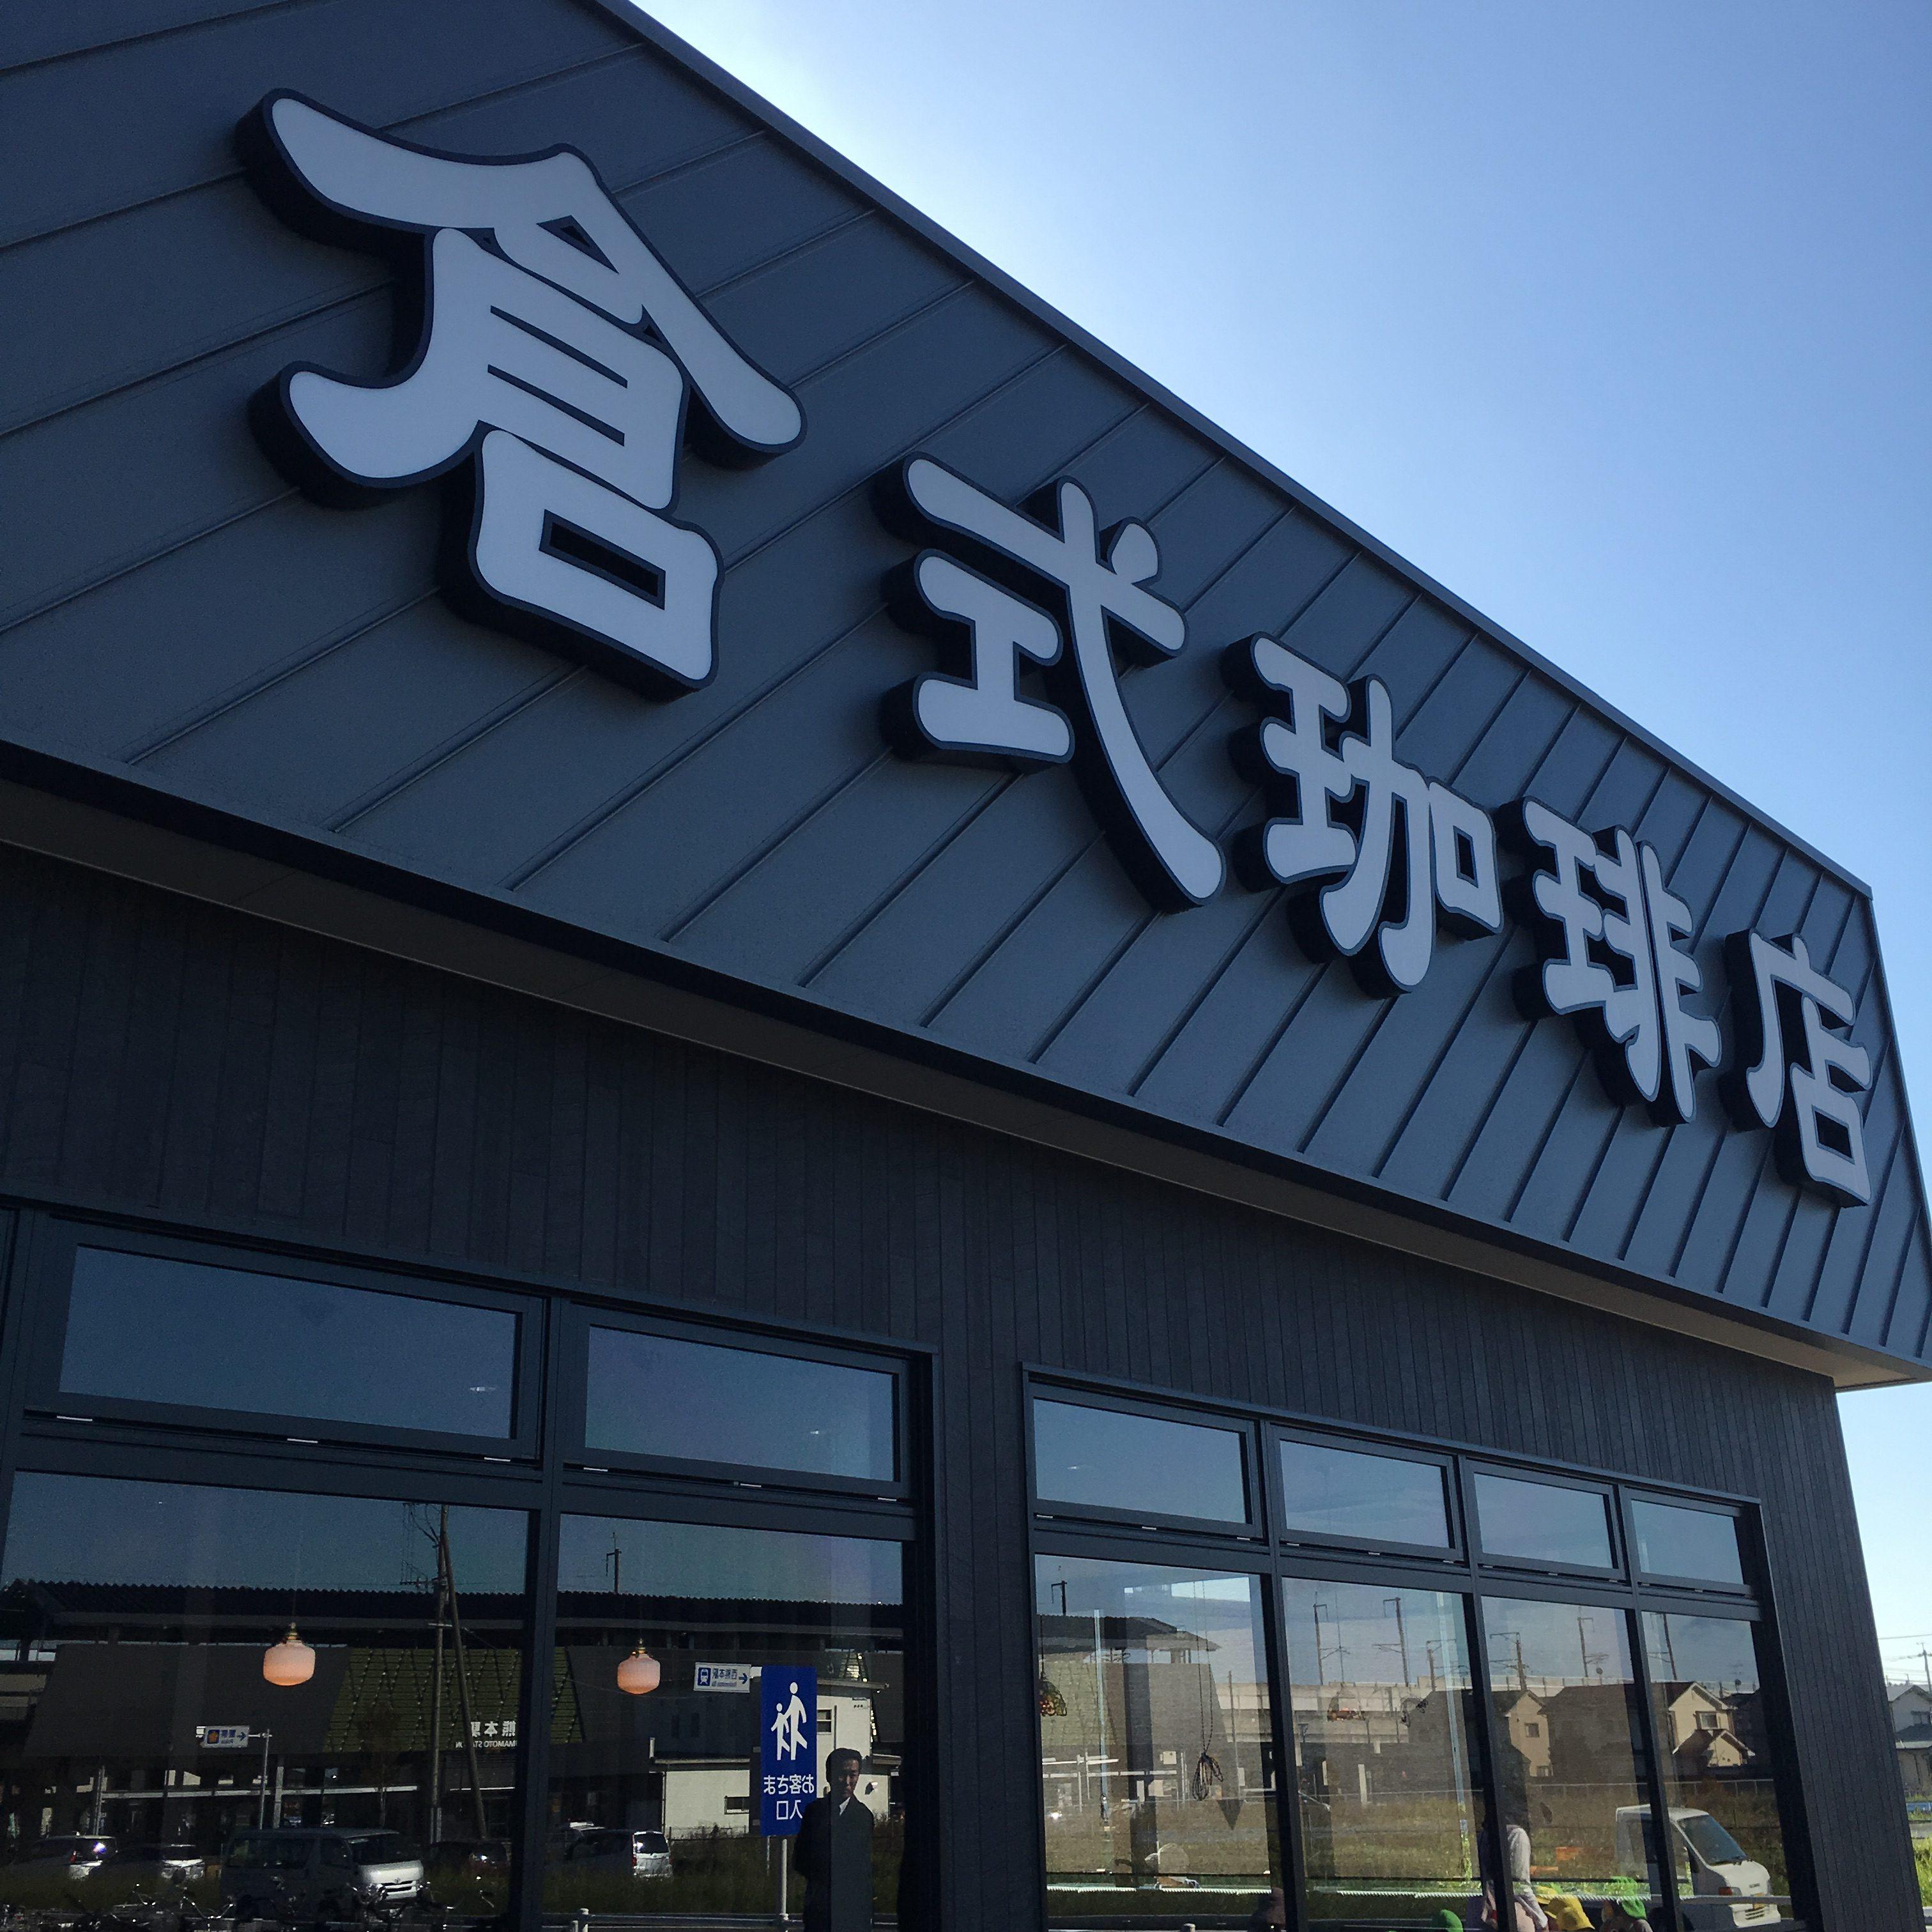 【倉式珈琲】西熊本イオンタウンでモーニングした@全メニュー一覧